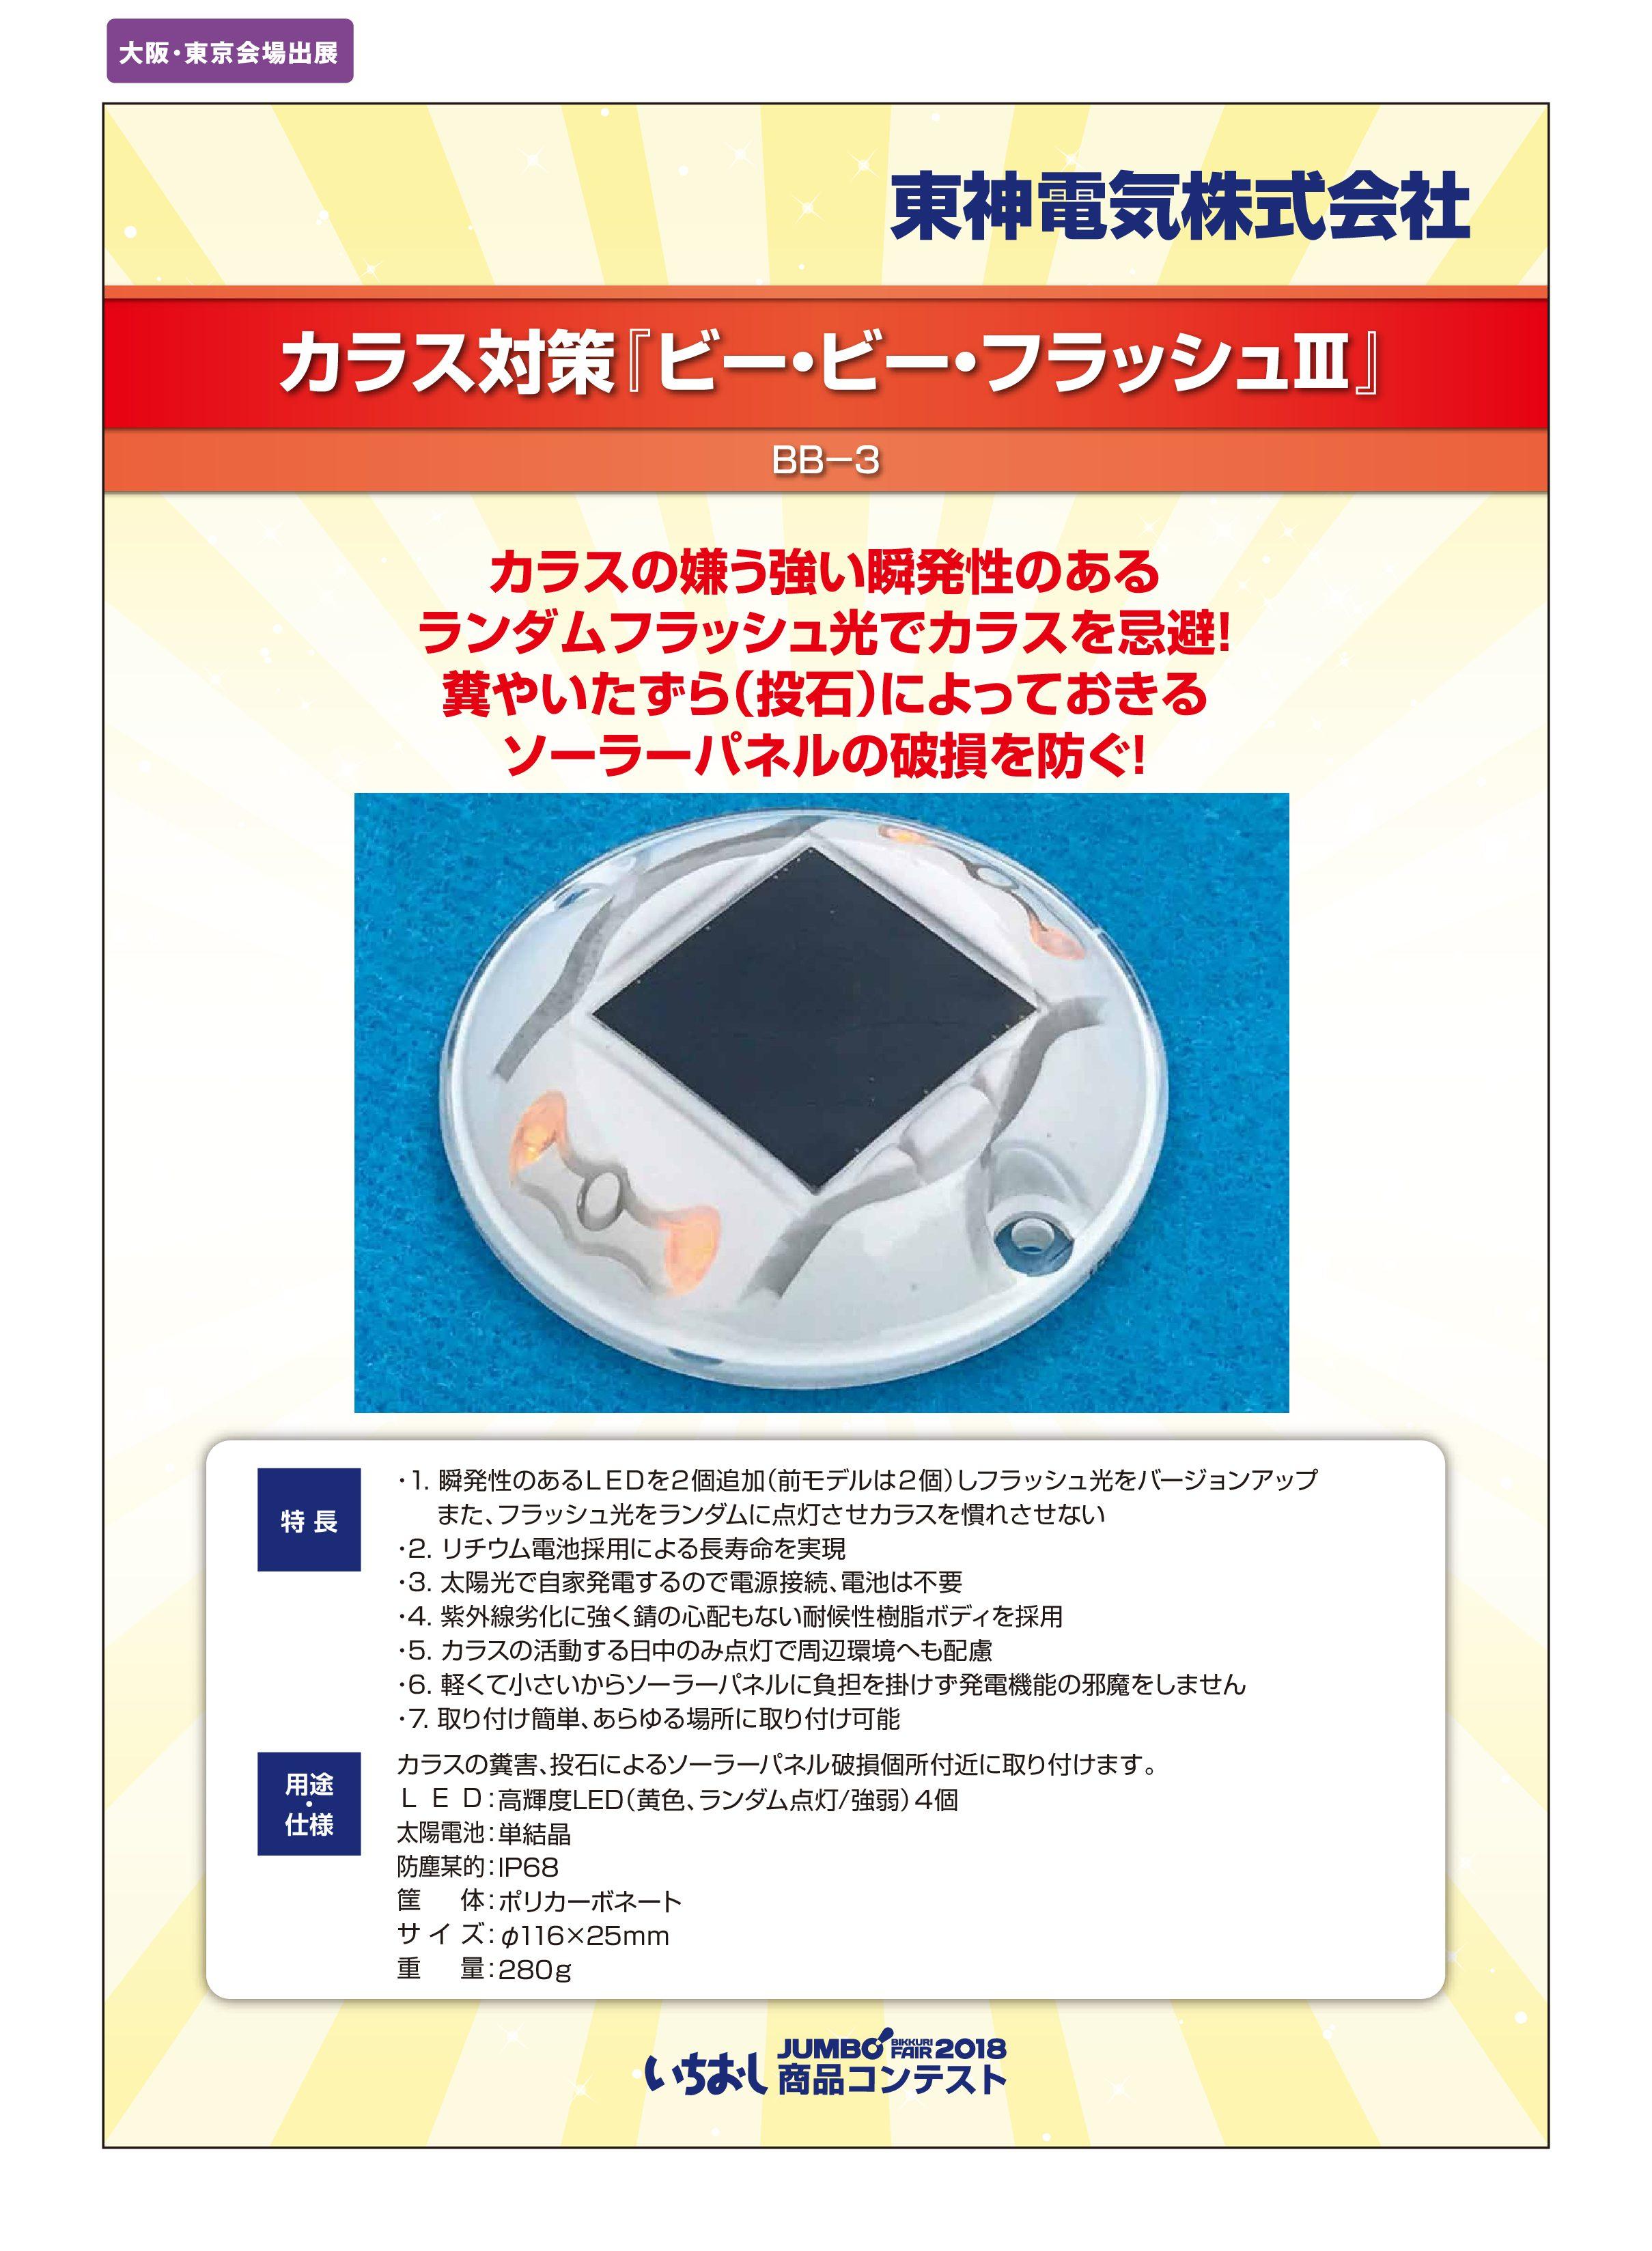 「カラス対策『ビー・ビー・フラッシュⅢ』」東神電気株式会社の画像